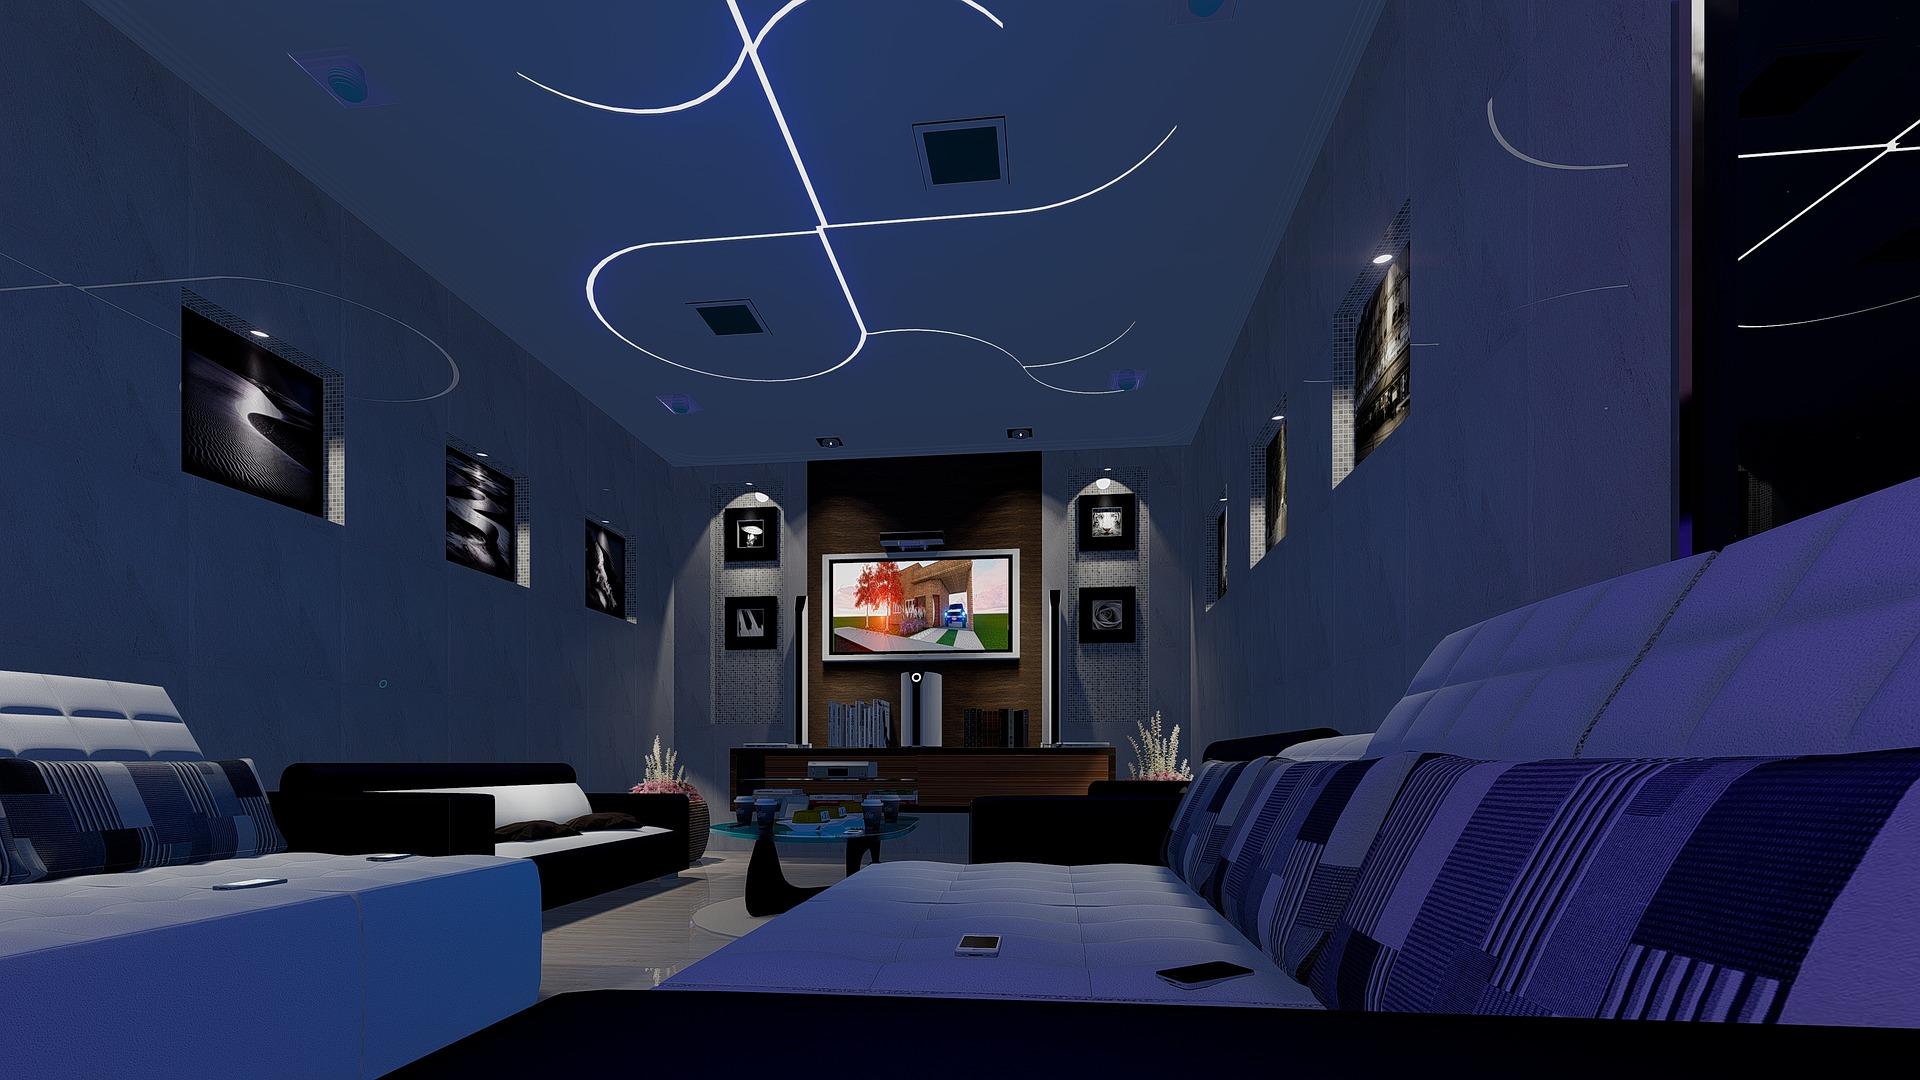 8 Best Ways to Decorate Around TV | Maggiescarf